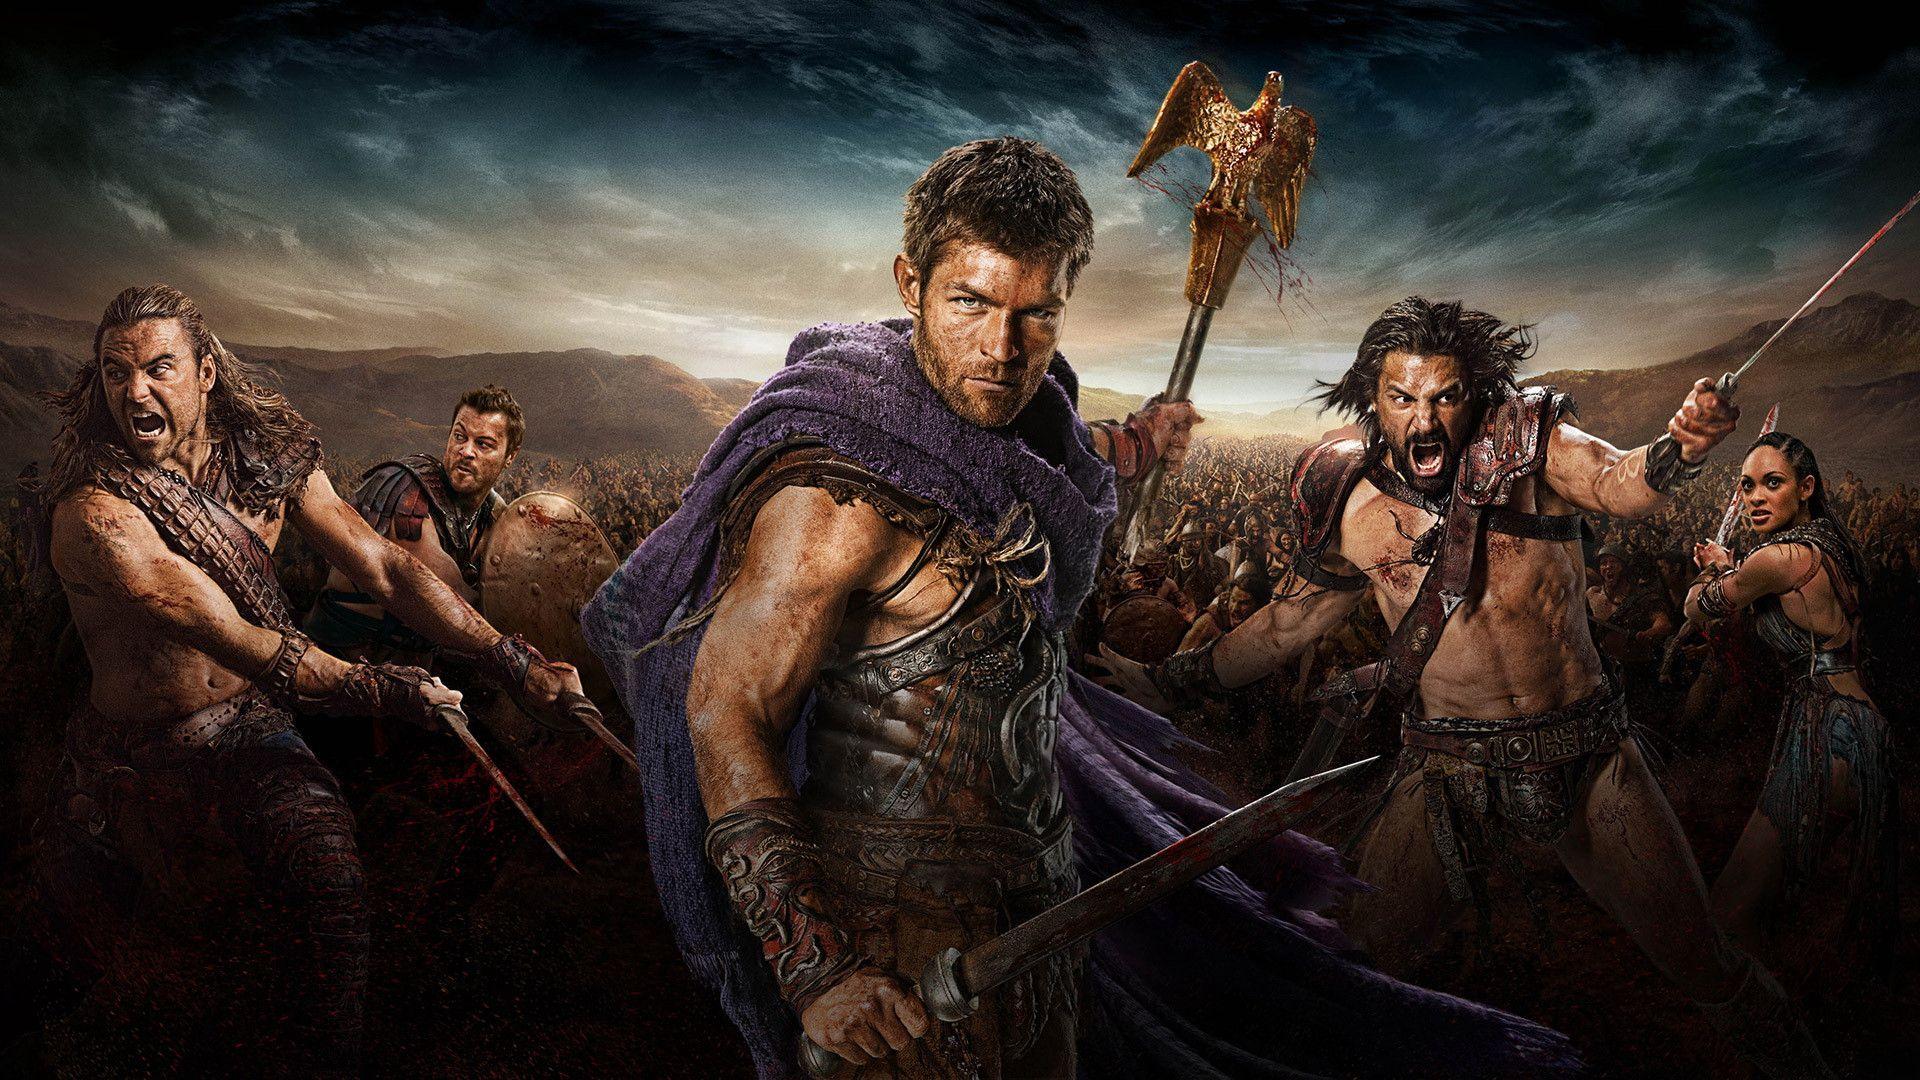 spartacus free movie